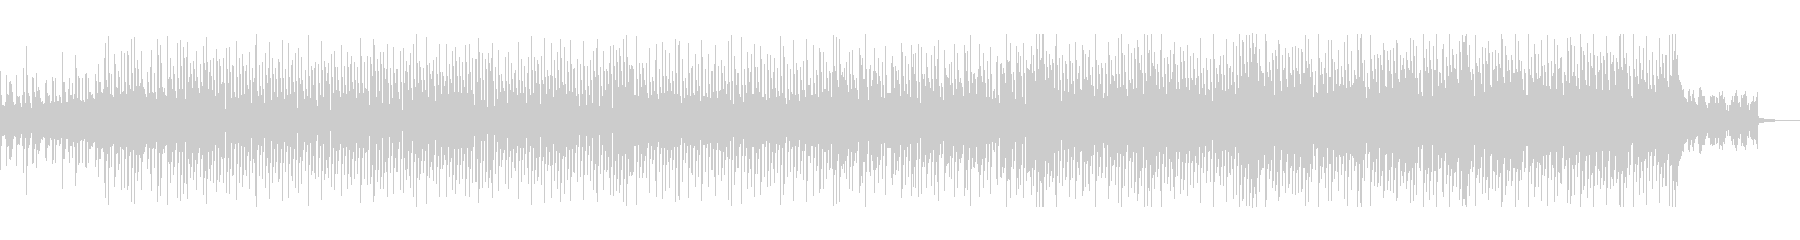 ミステリアスなエレクトロポップの未再生の波形